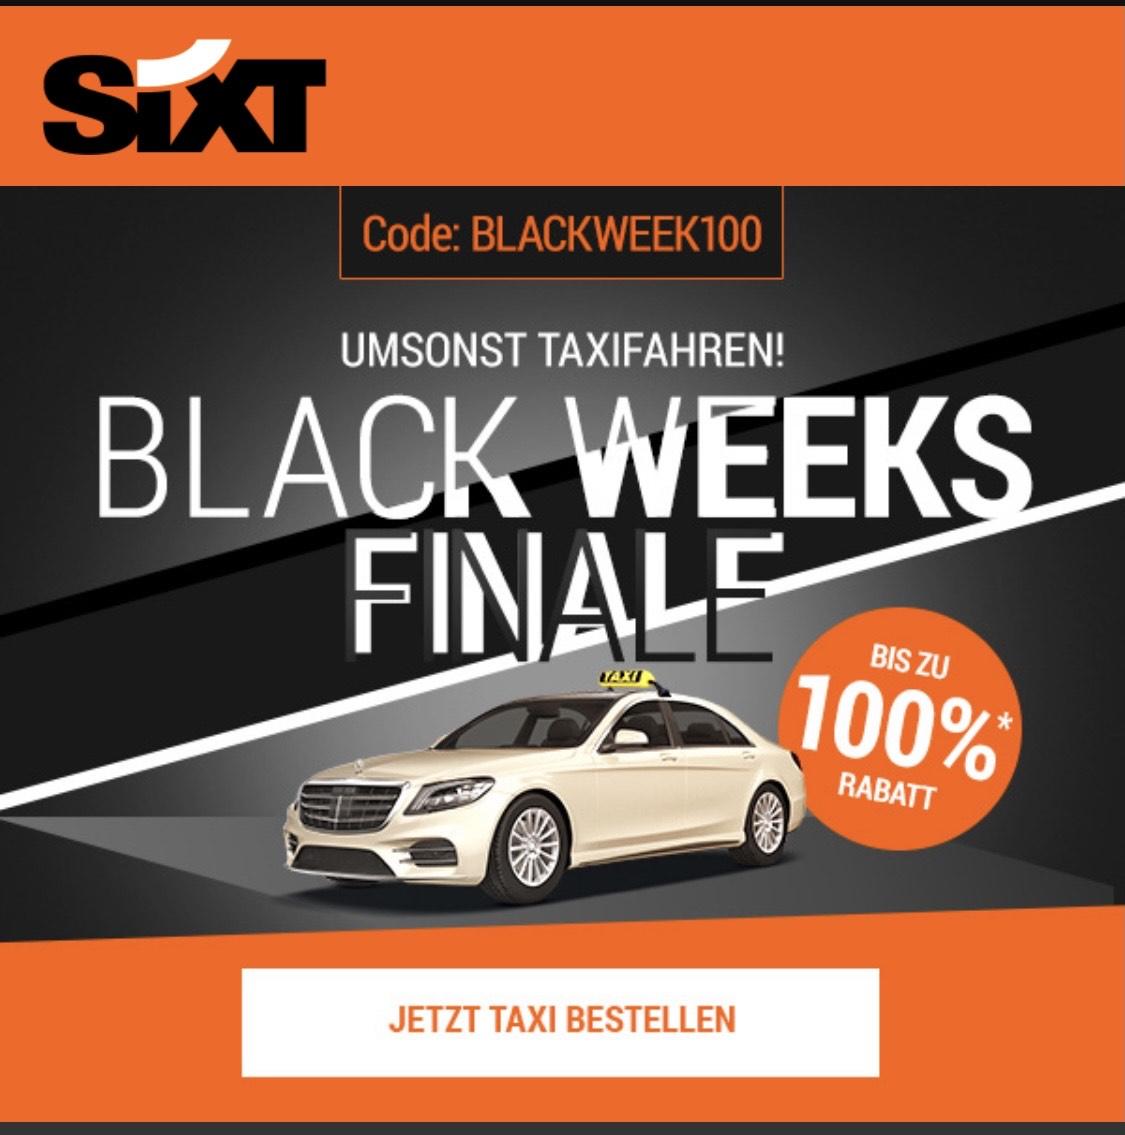 Gratis Taxifahrt bei Sixt Ride! (Bis zu 20€) [Freebie]